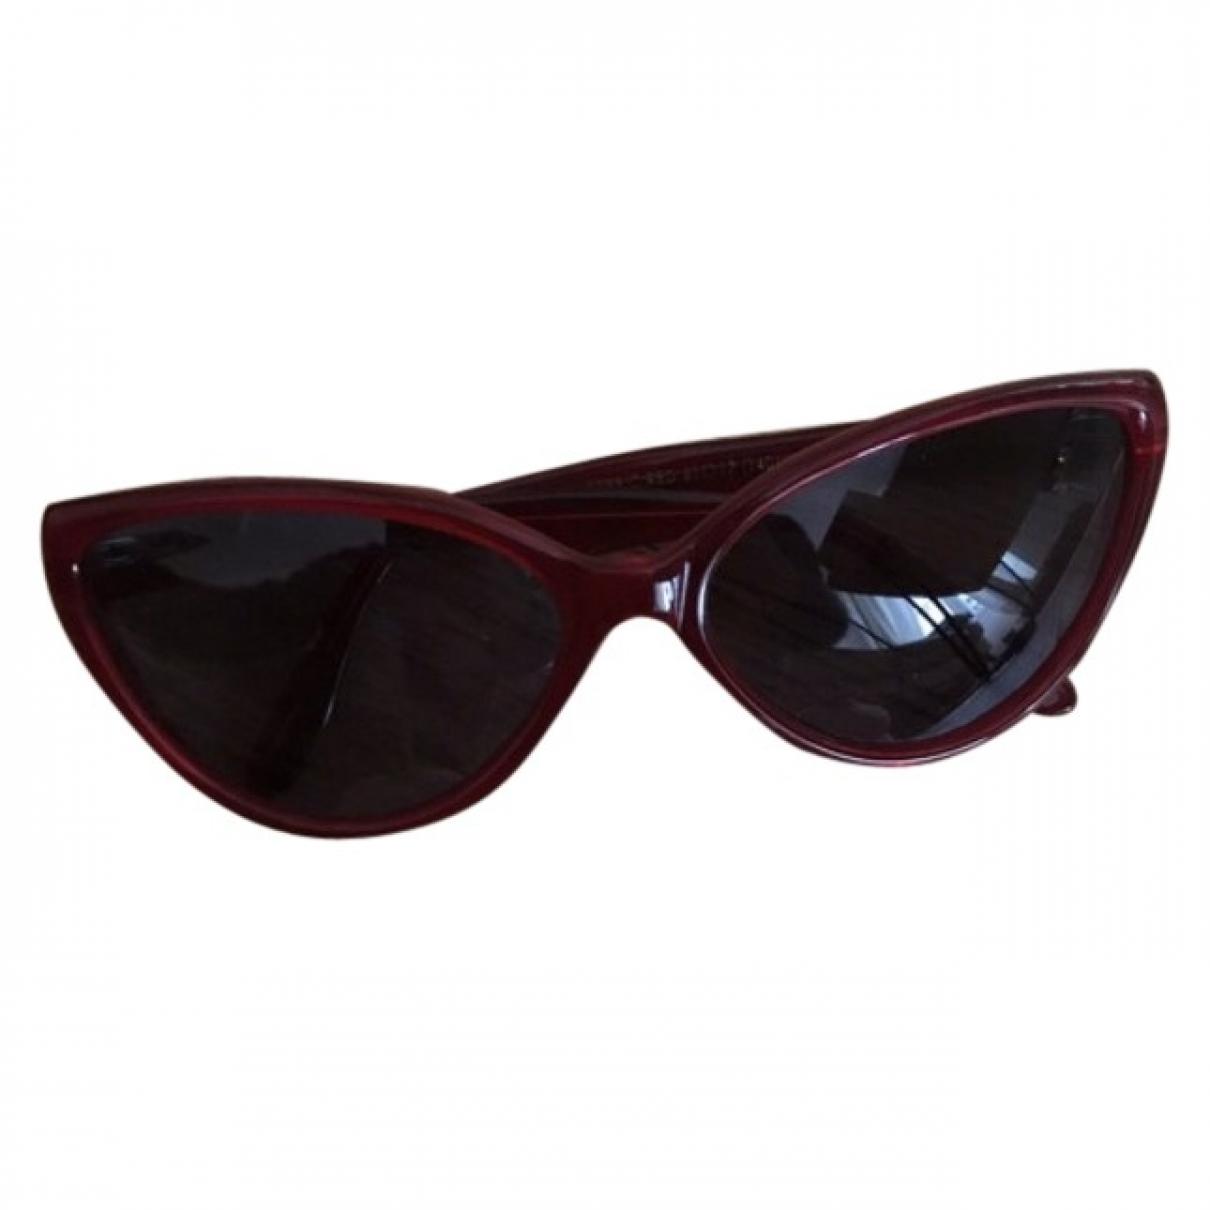 Cutler & Gross \N Red Sunglasses for Women \N